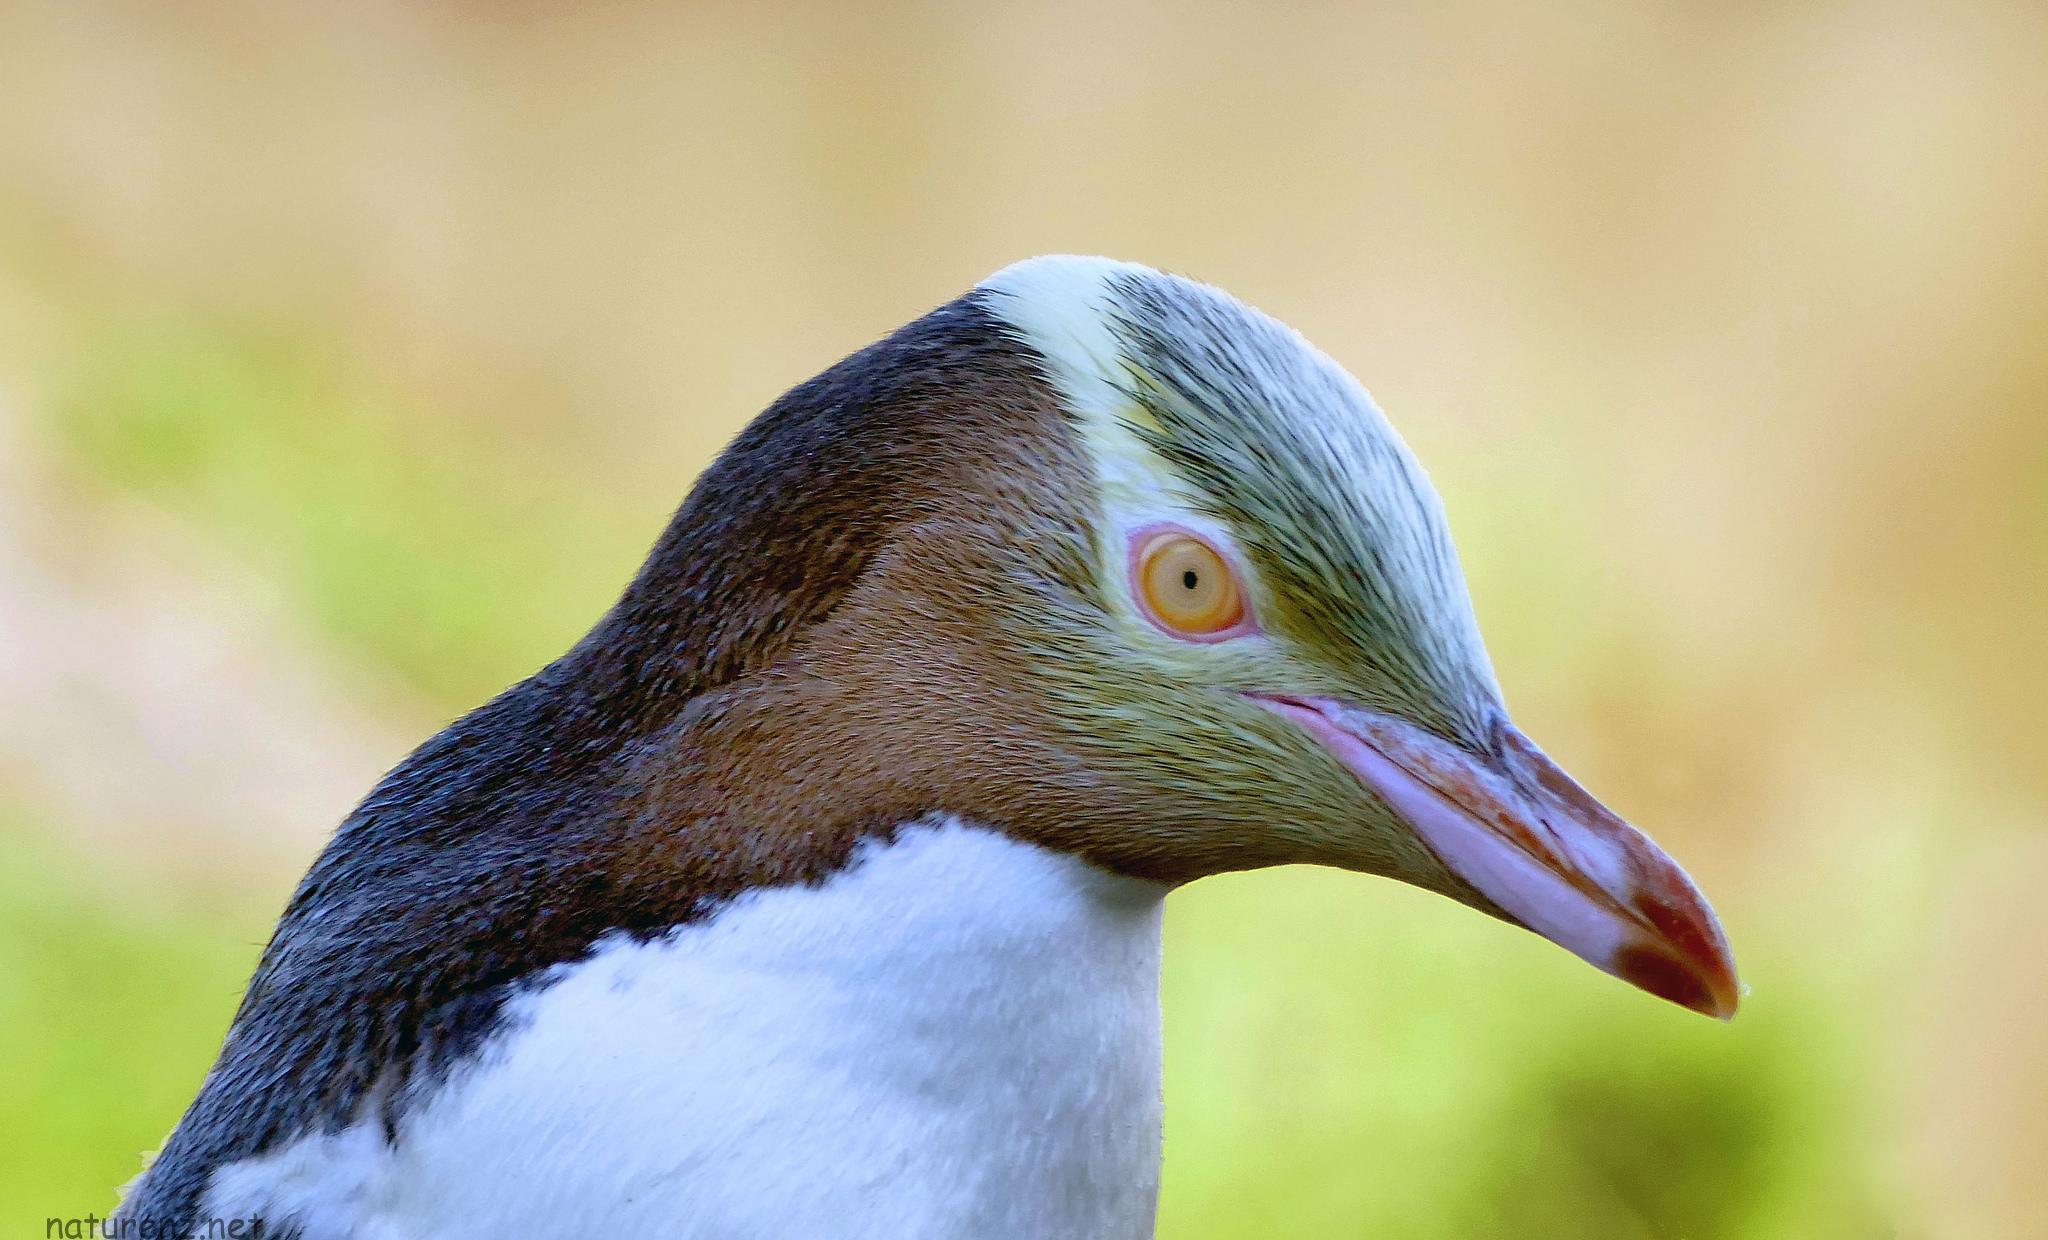 ペンギン王国ニュージーランド!NZ旅行中に見れるペンギン4種類